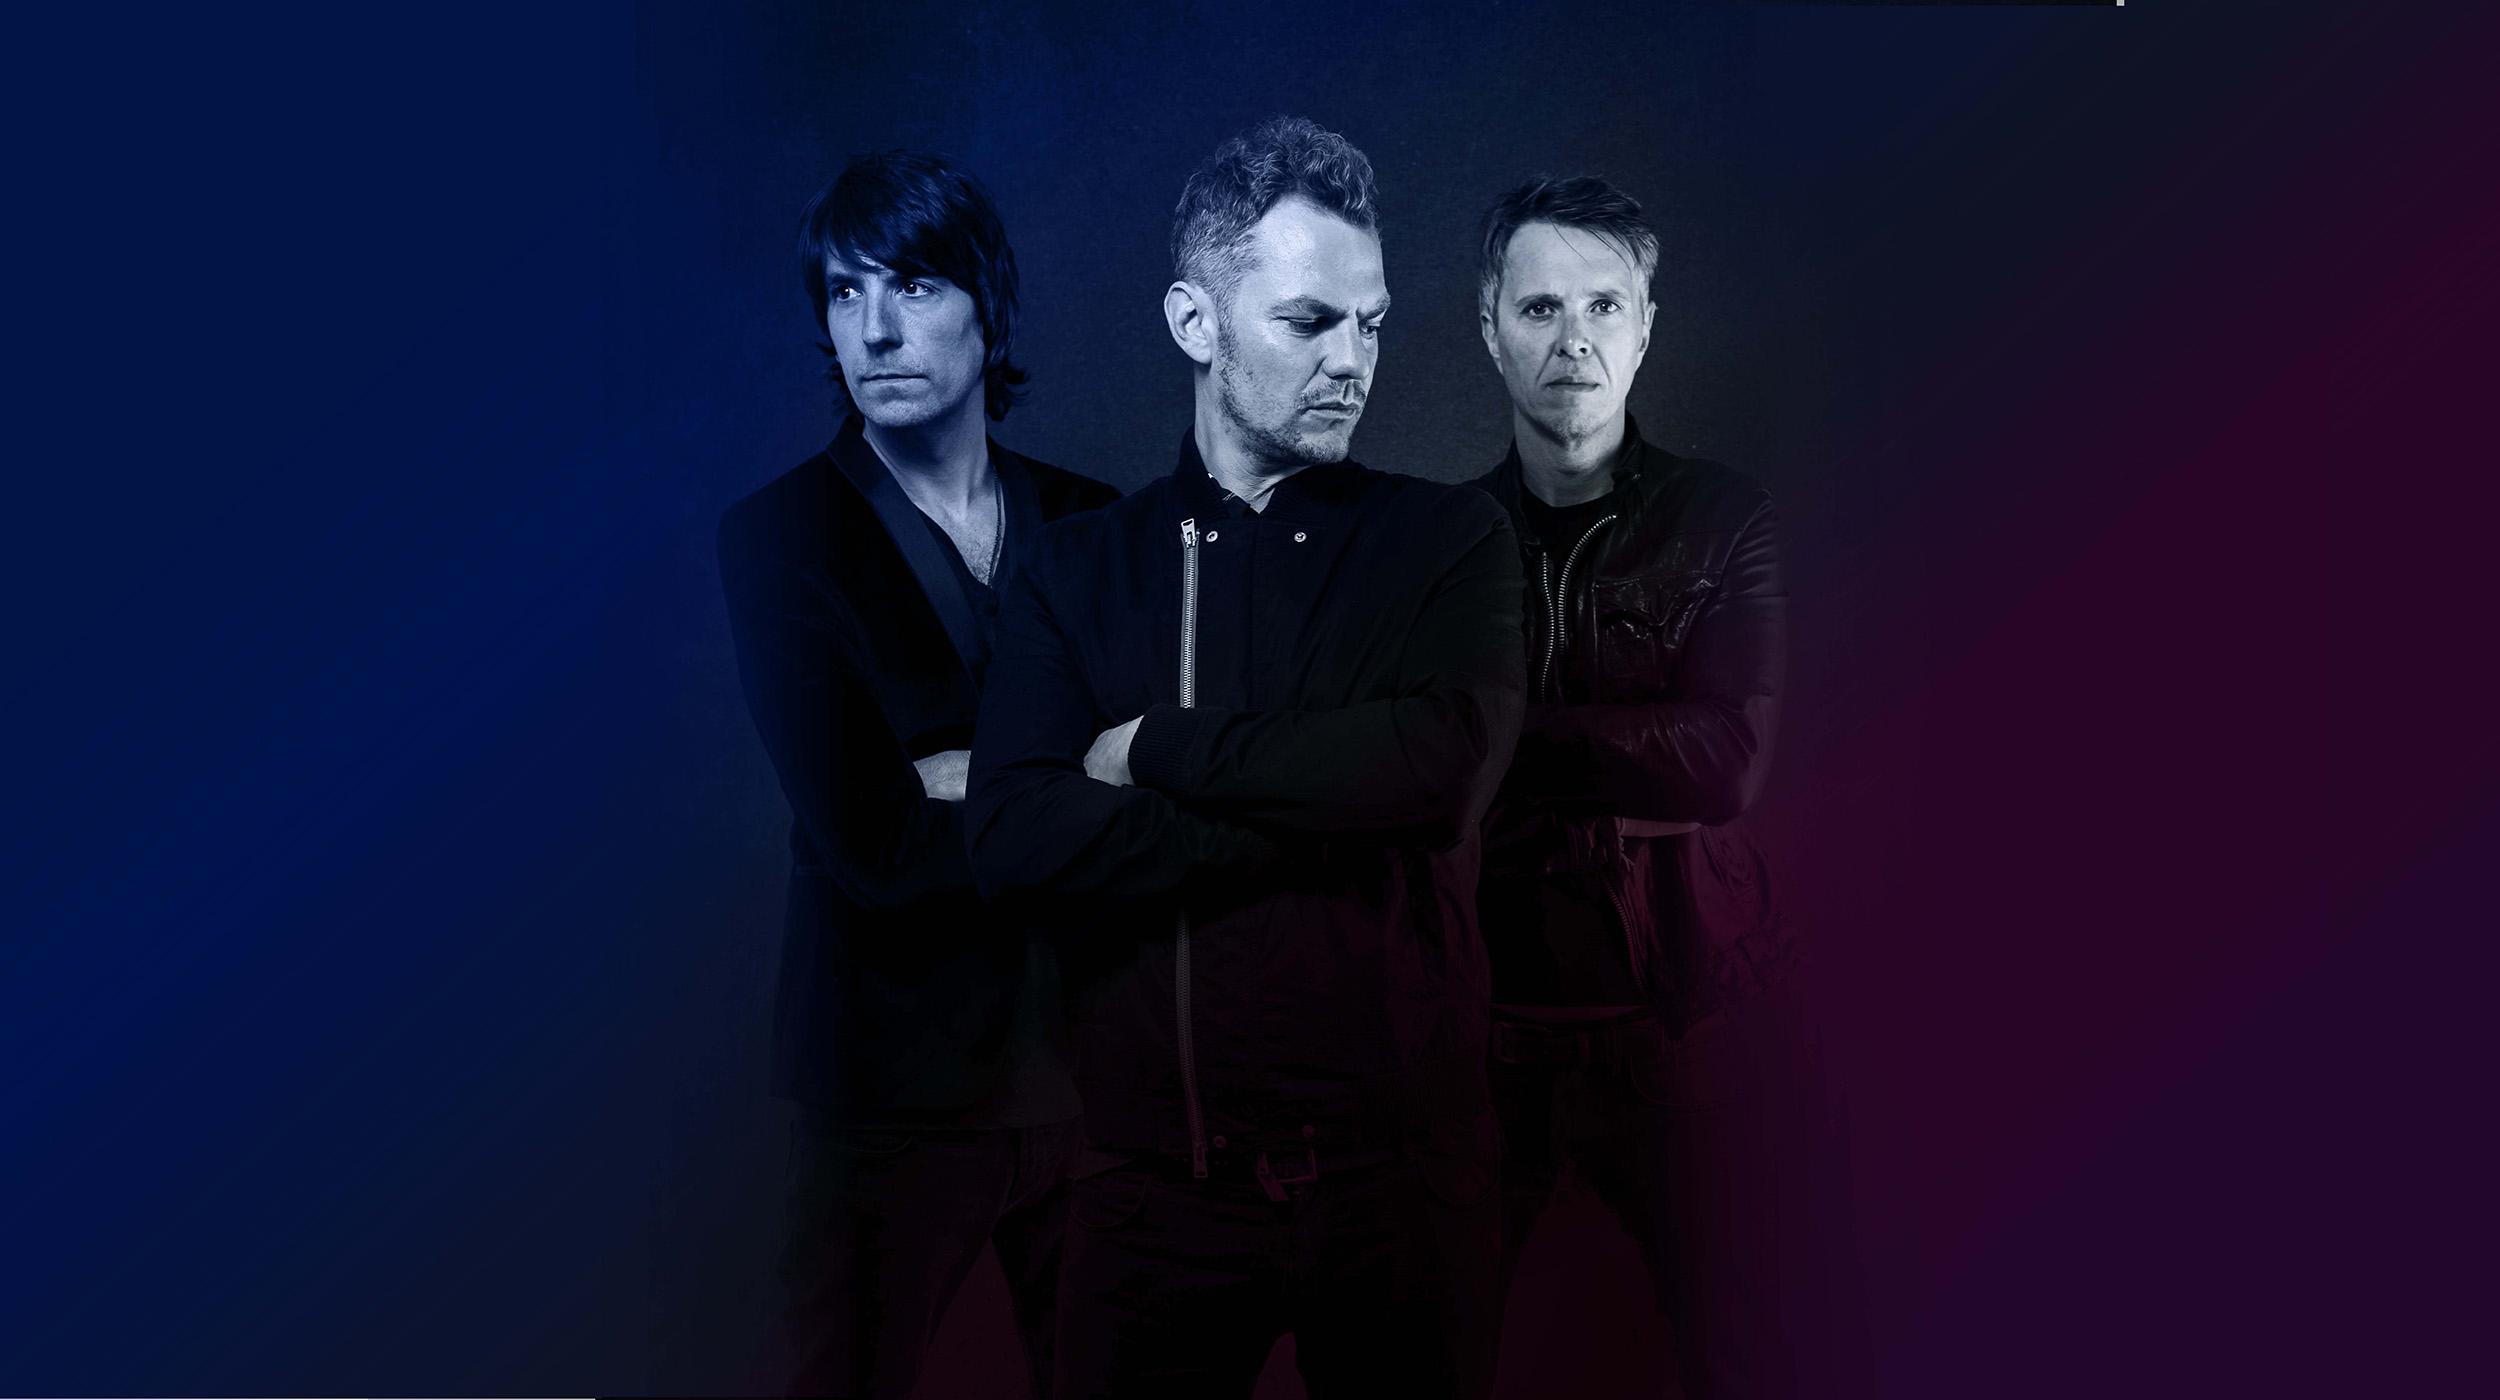 https://blovemusic.com/wp-content/uploads/2019/03/30565-B-LOVE-website-headliner-images-toploader.jpg